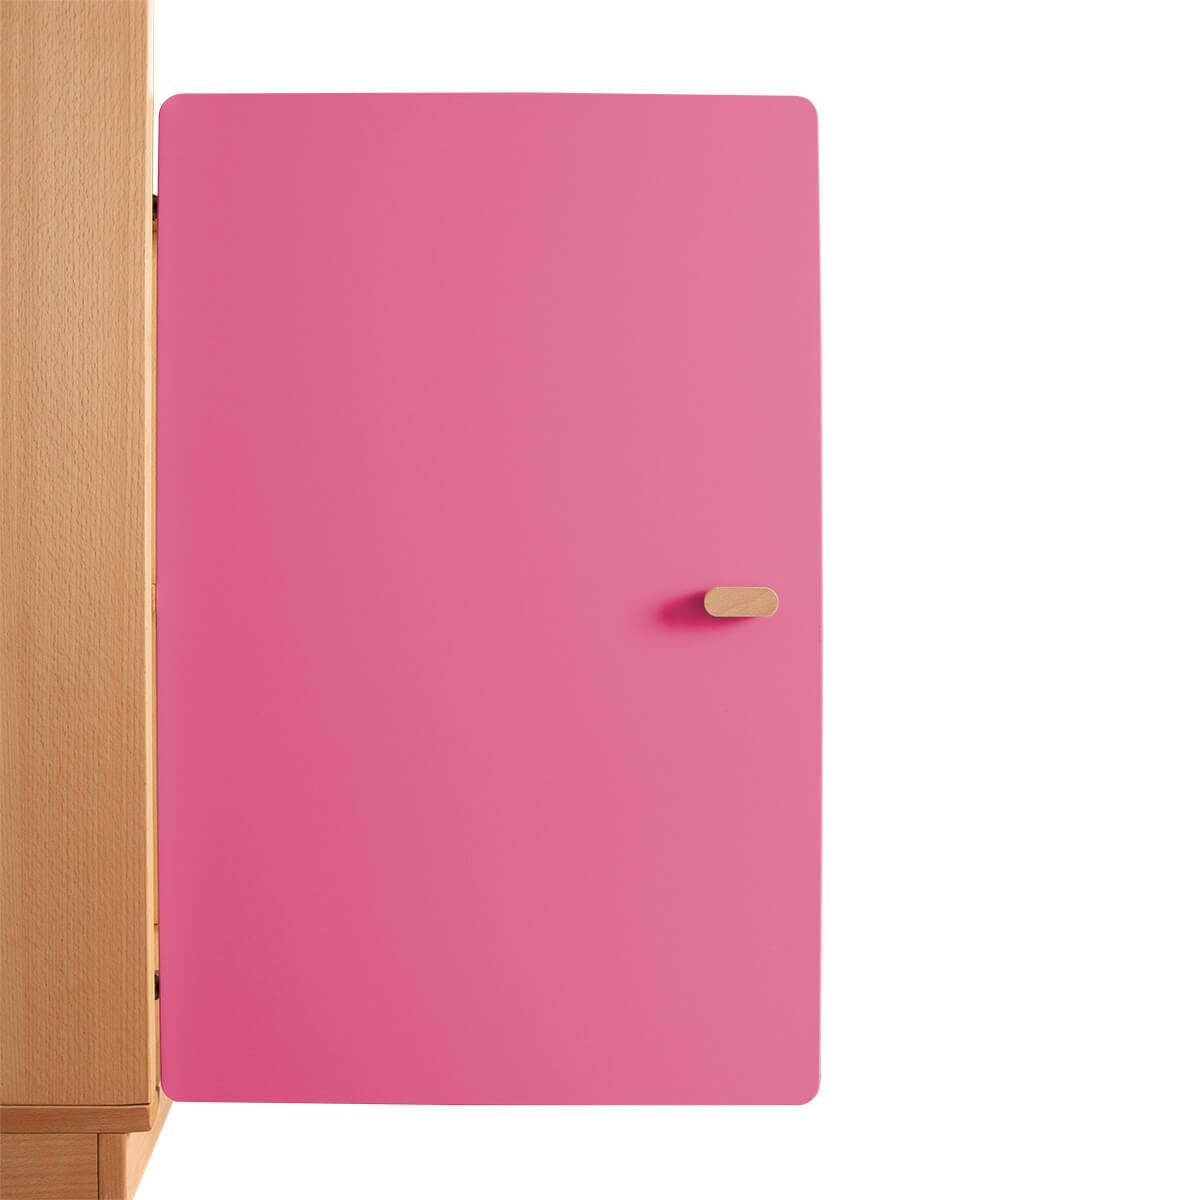 Schranktür 2/5 70cm-Griff DESTYLE Debreuyn  MDF pink-lackiert